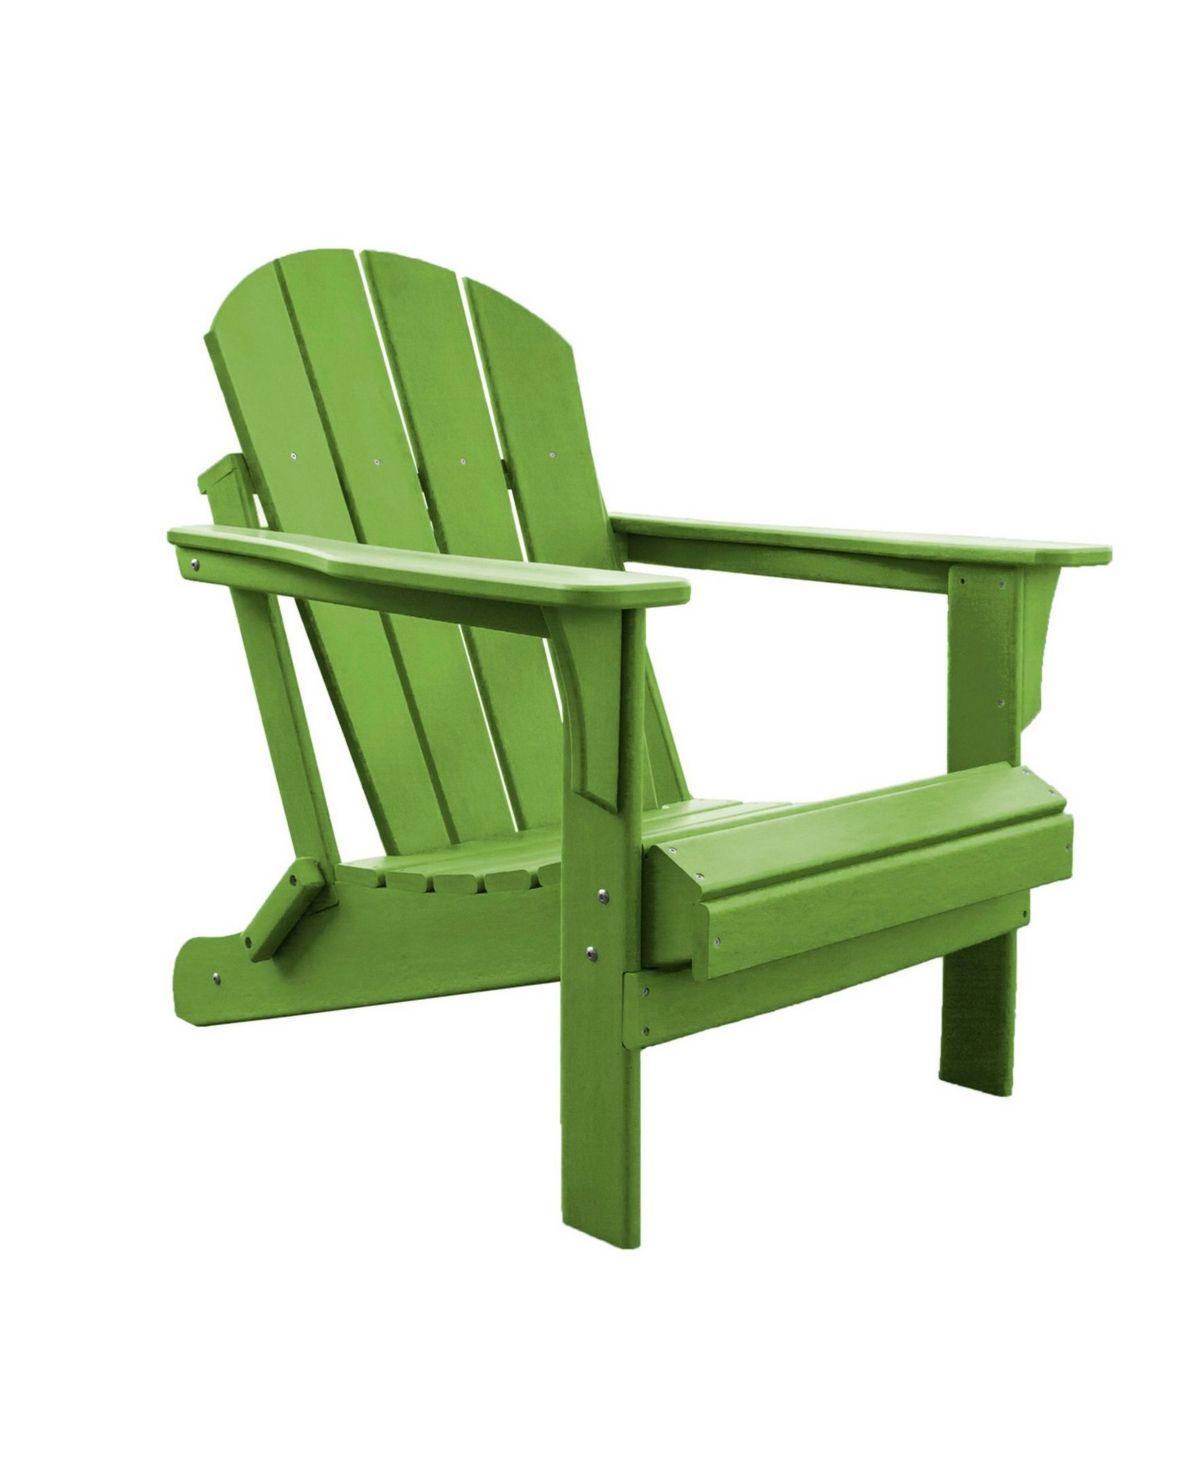 Panama Jack Home Resin Adirondack Chair Reviews Furniture